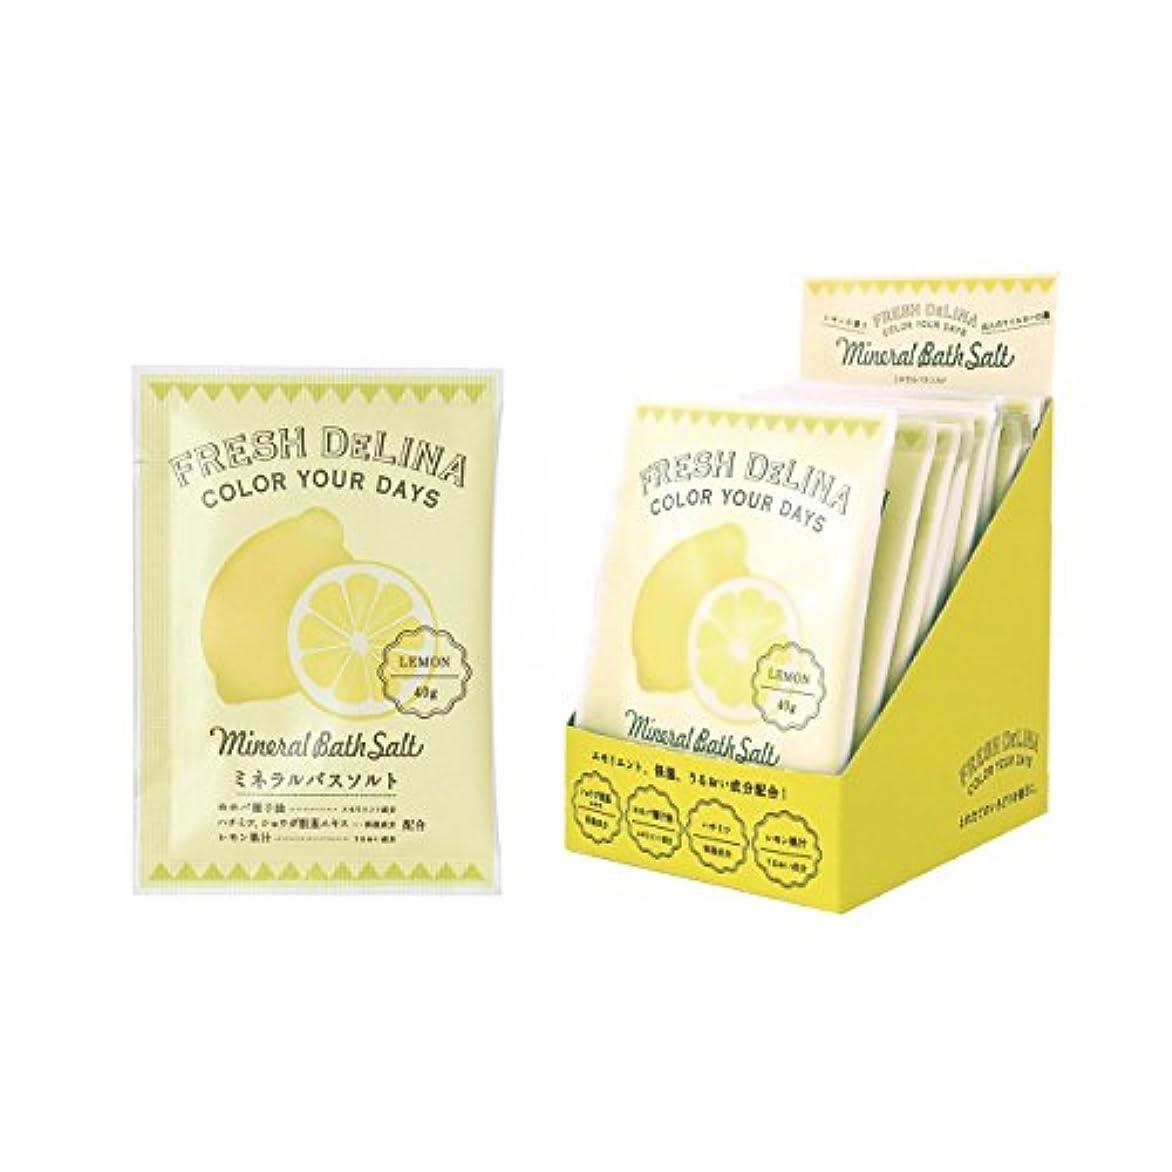 グレードくつろぎおめでとうフレッシュデリーナ ミネラルバスソルト40g(レモン) 12個 (海塩タイプ入浴料 日本製 どこかなつかしいフレッシュなレモンの香り)